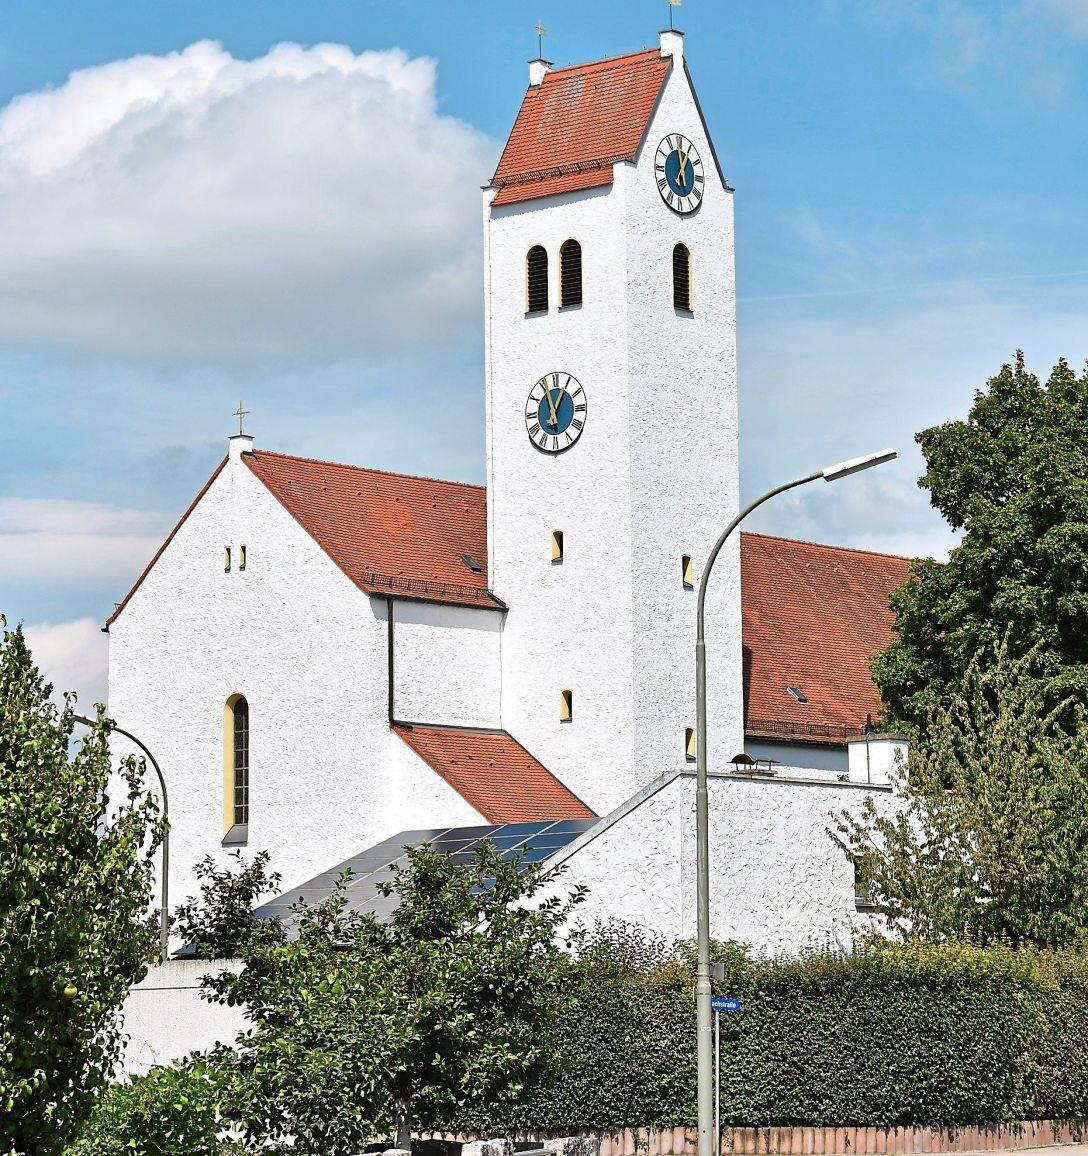 Der Turm der Kirche St. Canisius in Ringsee ragt 28 Meter in die Höhe. Die Kirche wurde 1937 durch den Eichstätter Bischof Michael Rackl konsekriert. Der erste Spatenstich war 1936 erfolgt.                Fotos: Bartenschlager